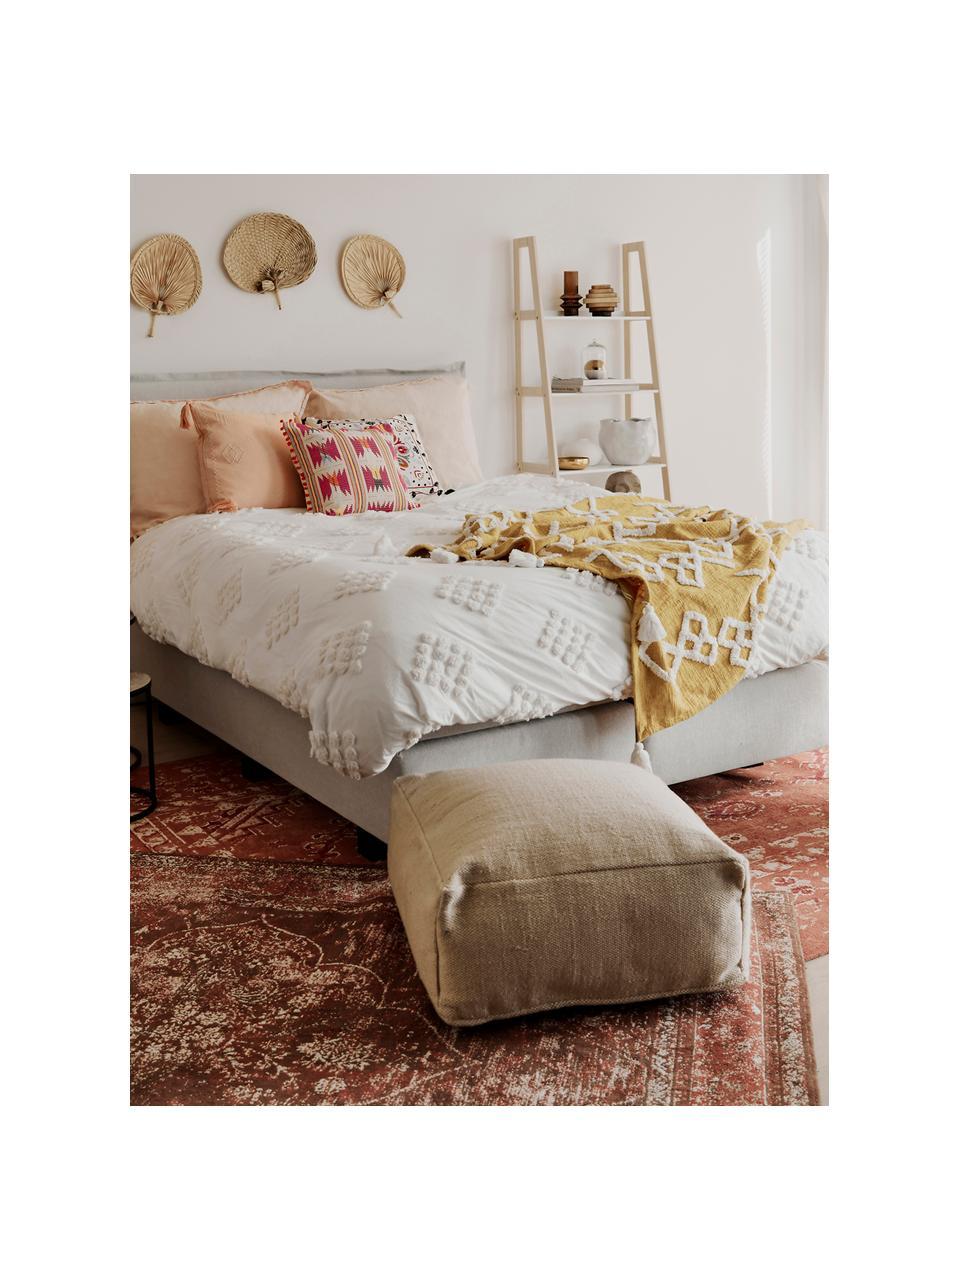 Vloerkussen Khela voor binnen en buiten, Bekleding: 100% gerecycled polyester, Beige, 60 x 25 cm